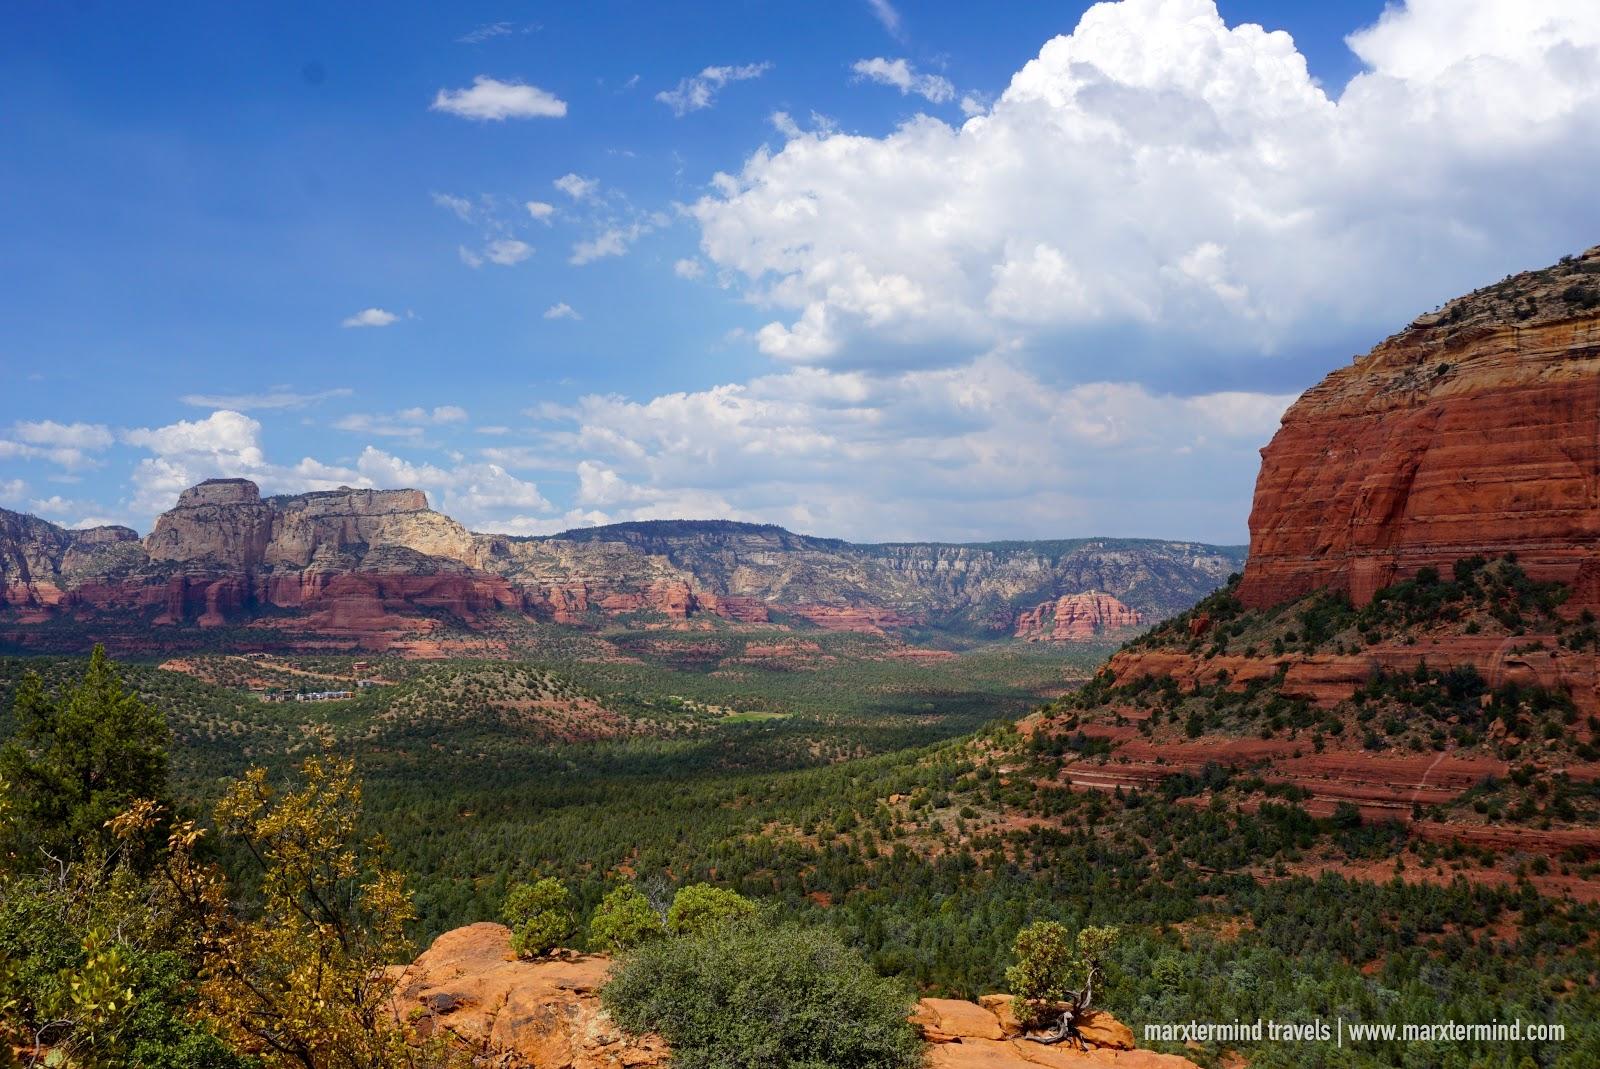 Arizona road trip - Sedona